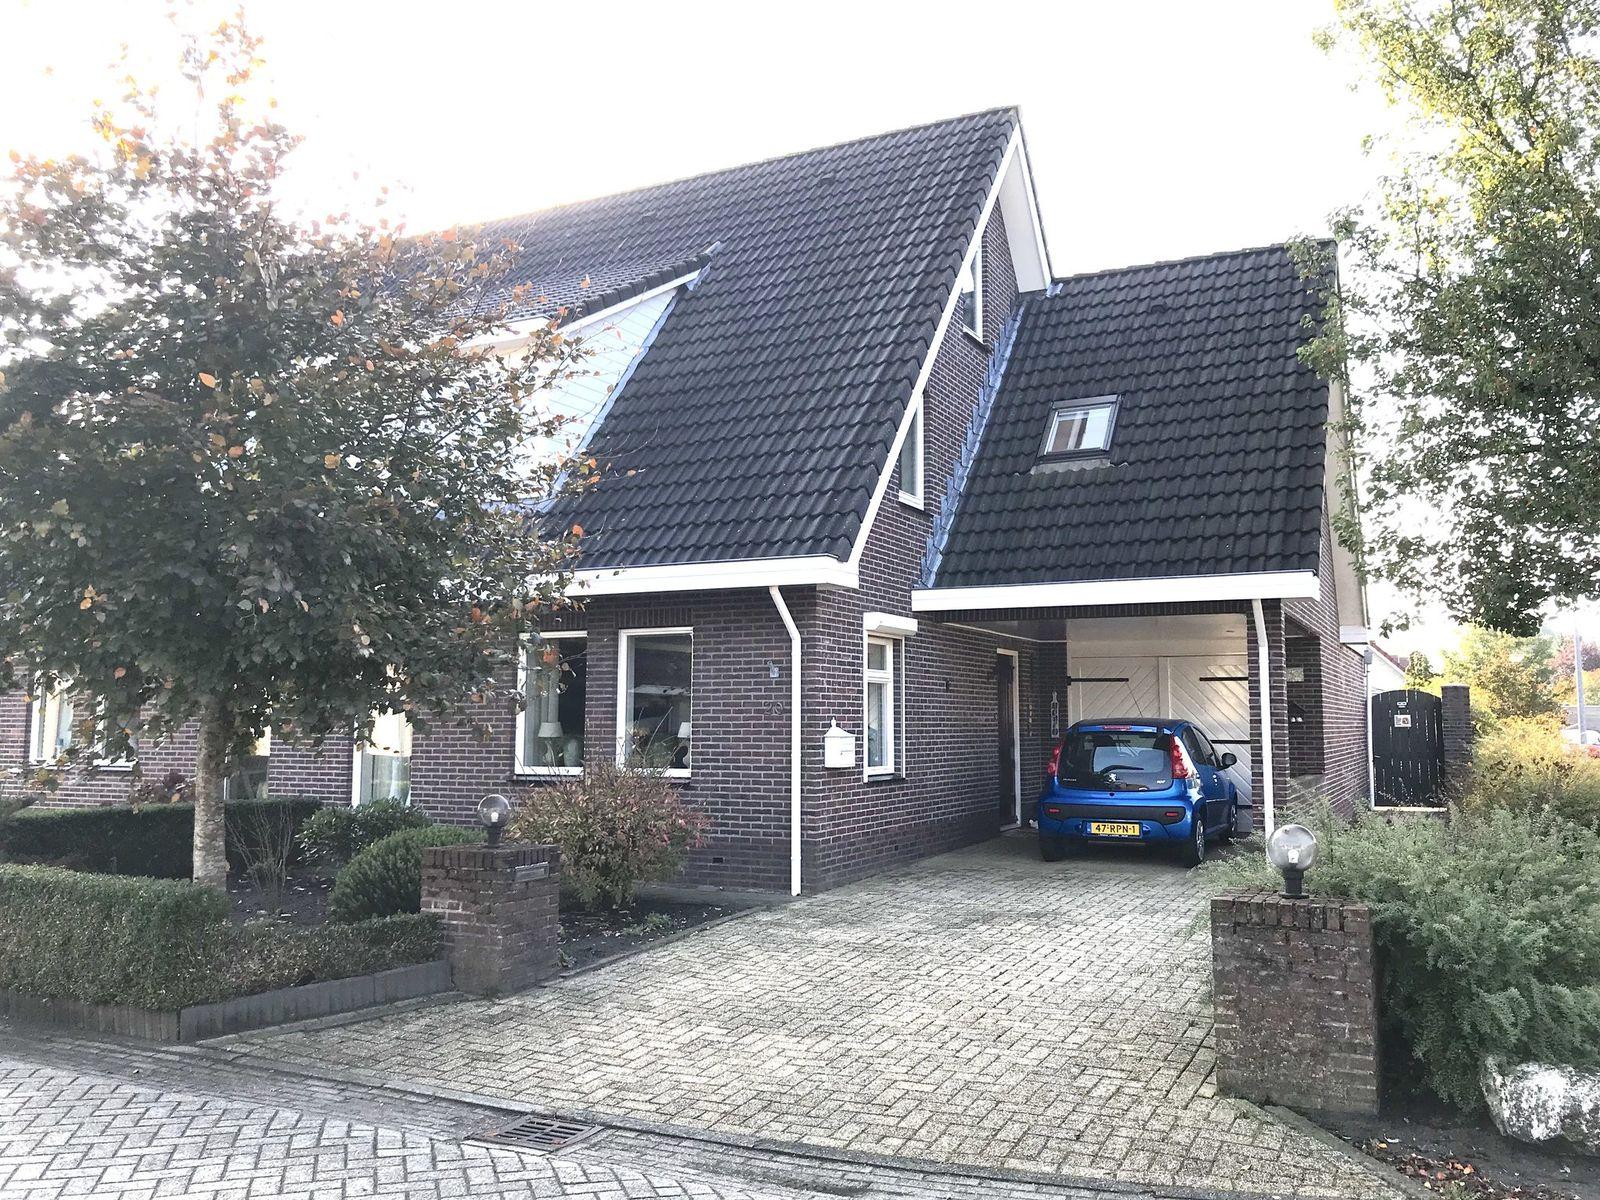 Schoener 20, Nieuw-amsterdam